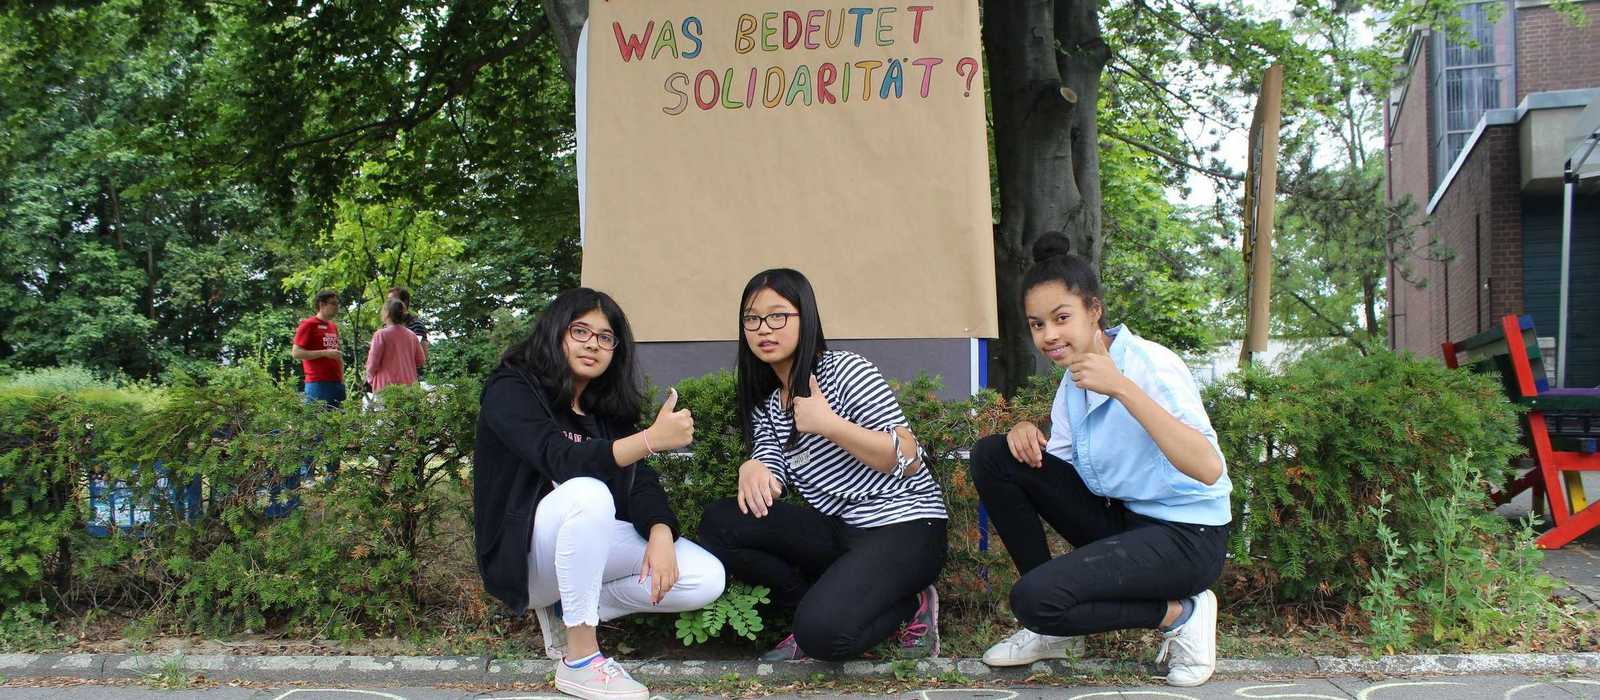 Schüler fragen nach Solidarität